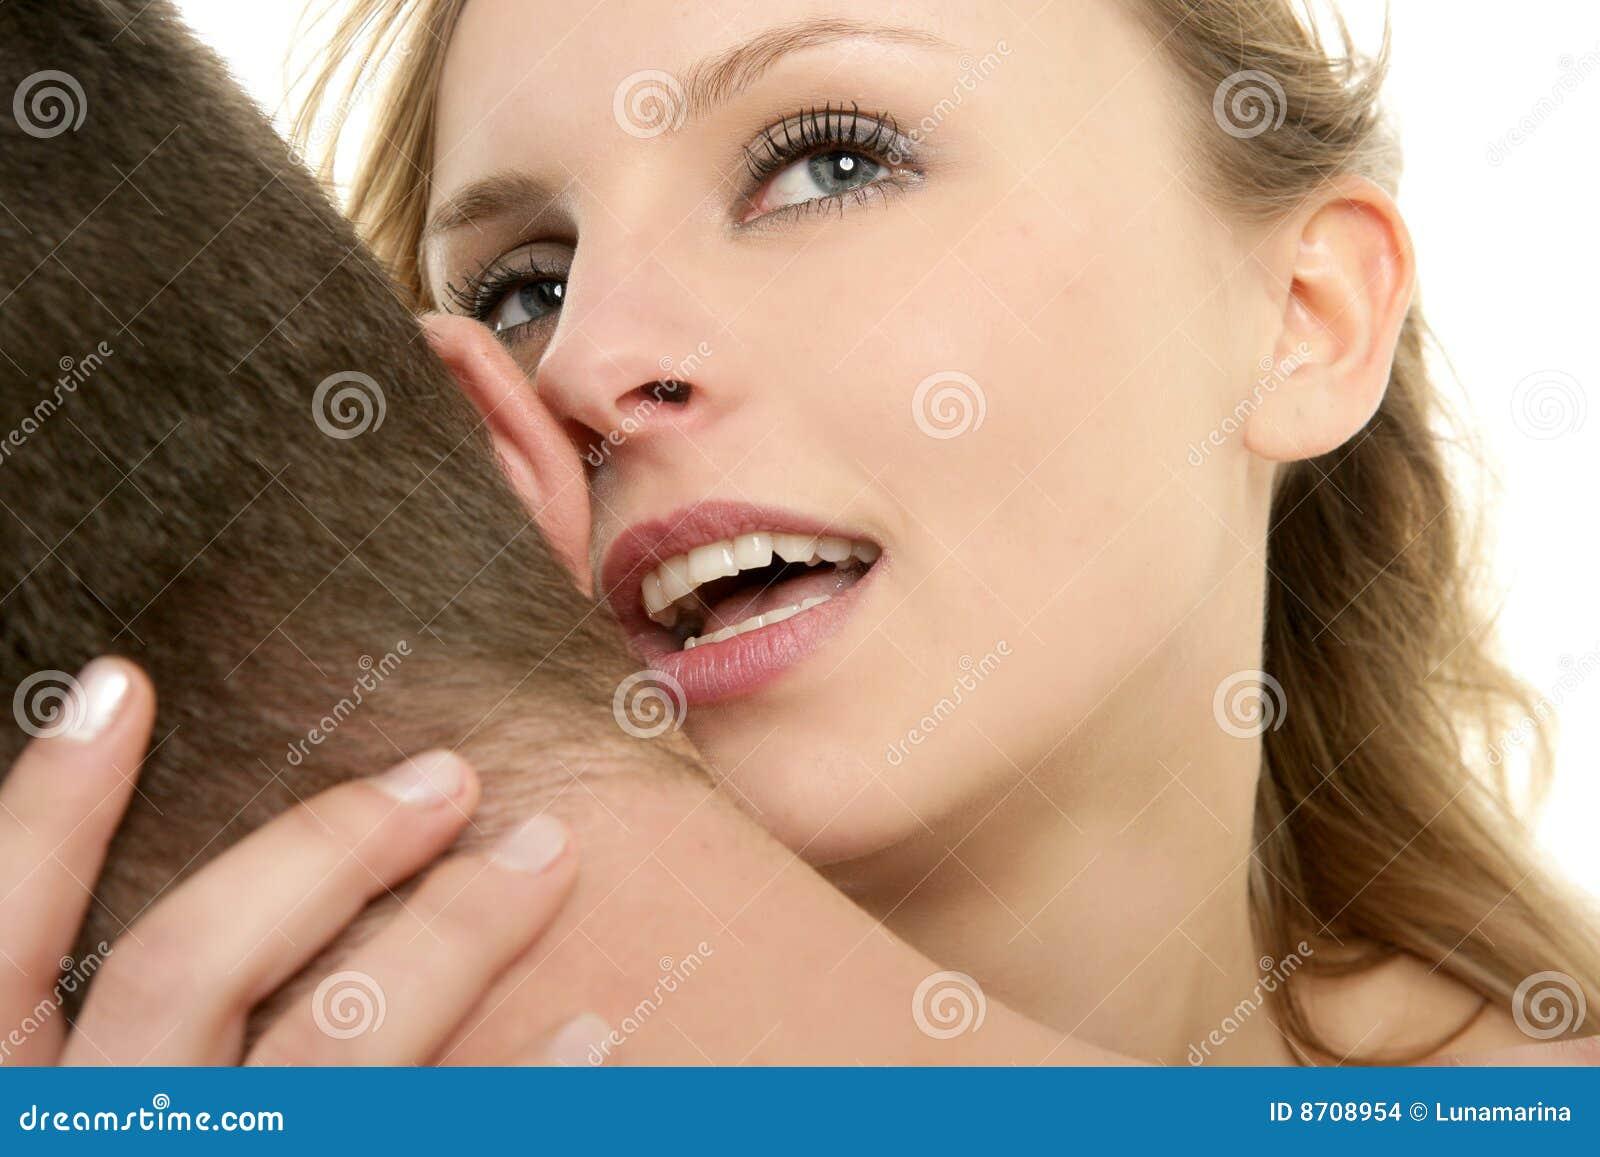 Самые сексуальные голоса 3 фотография